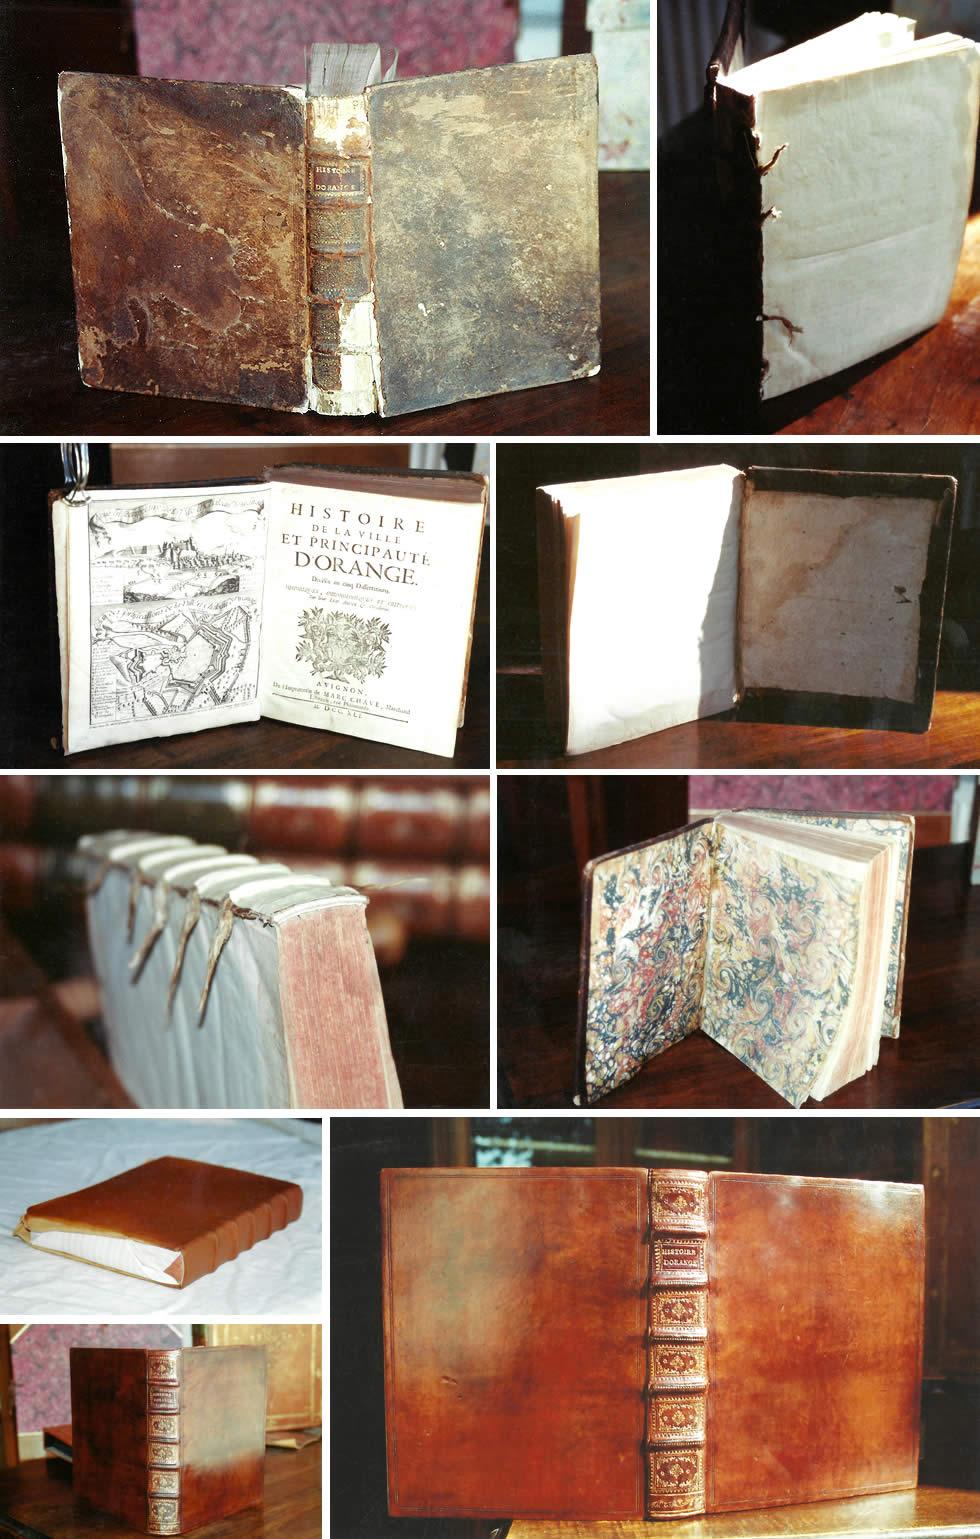 Restauration d'un livre ancien du 18ème siècle, reliure, couvrure, patine et dorure